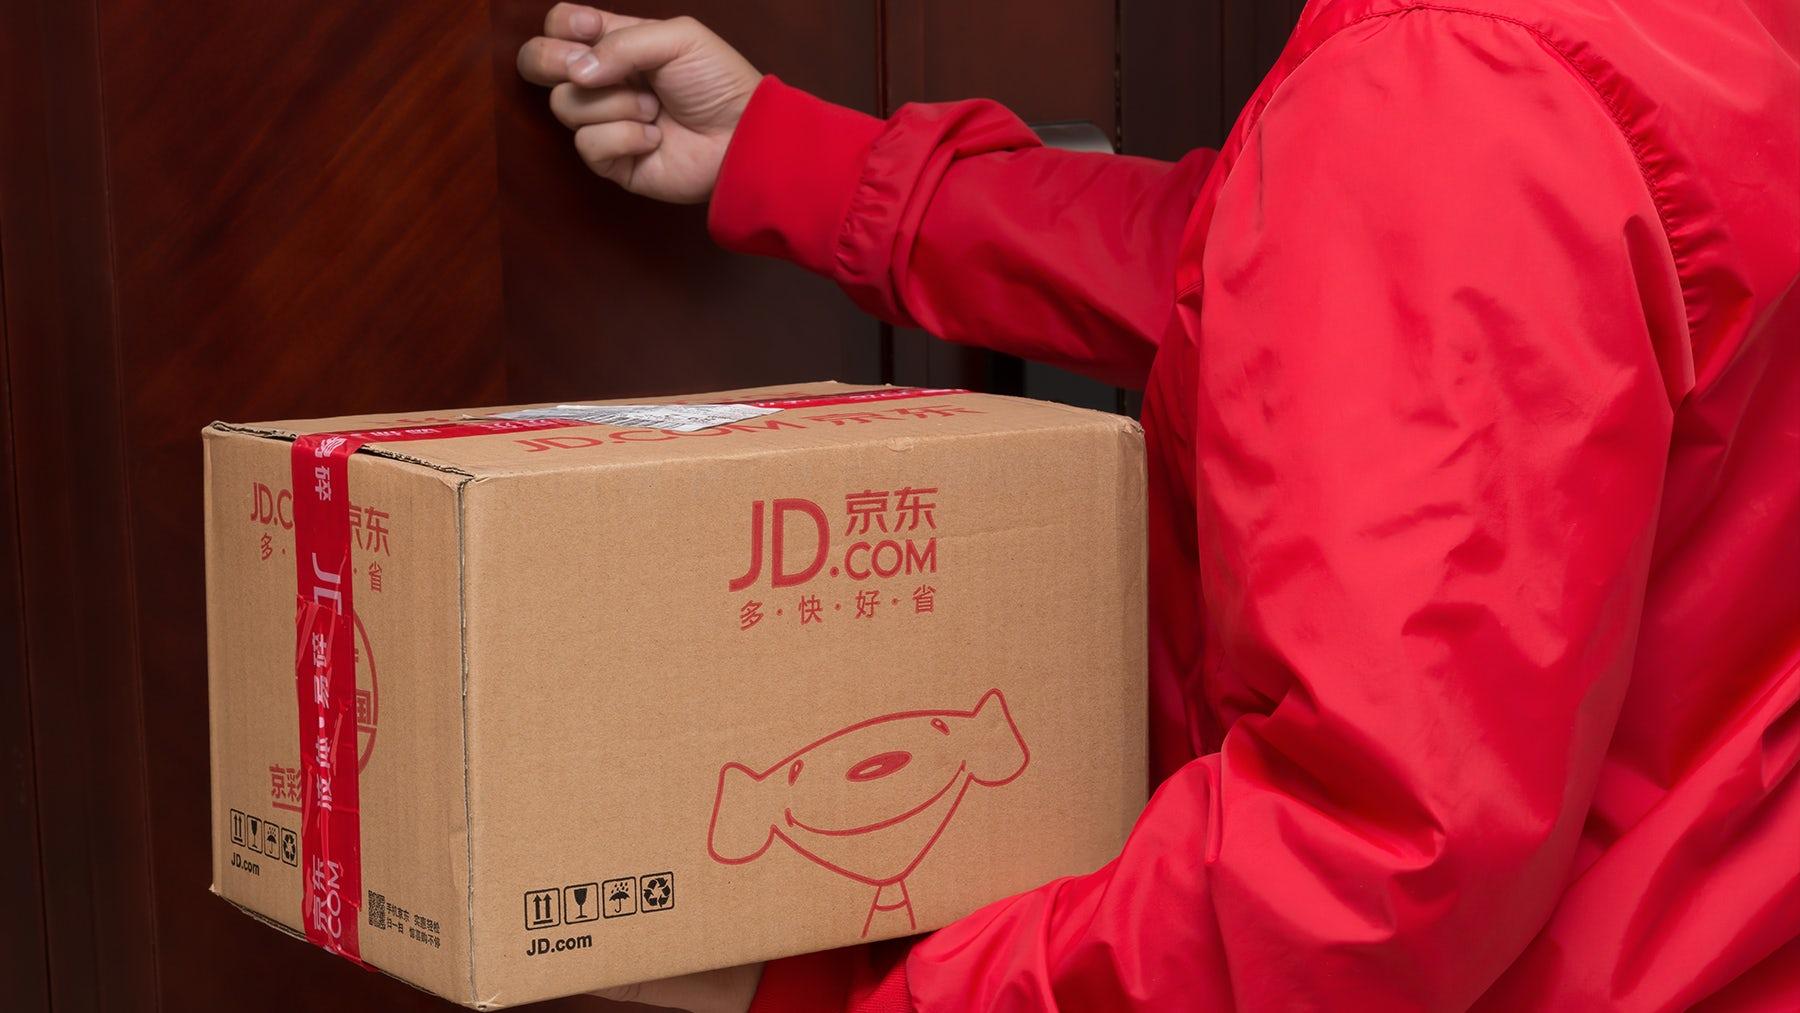 来自JD.com的快递送一个包裹。在上面。